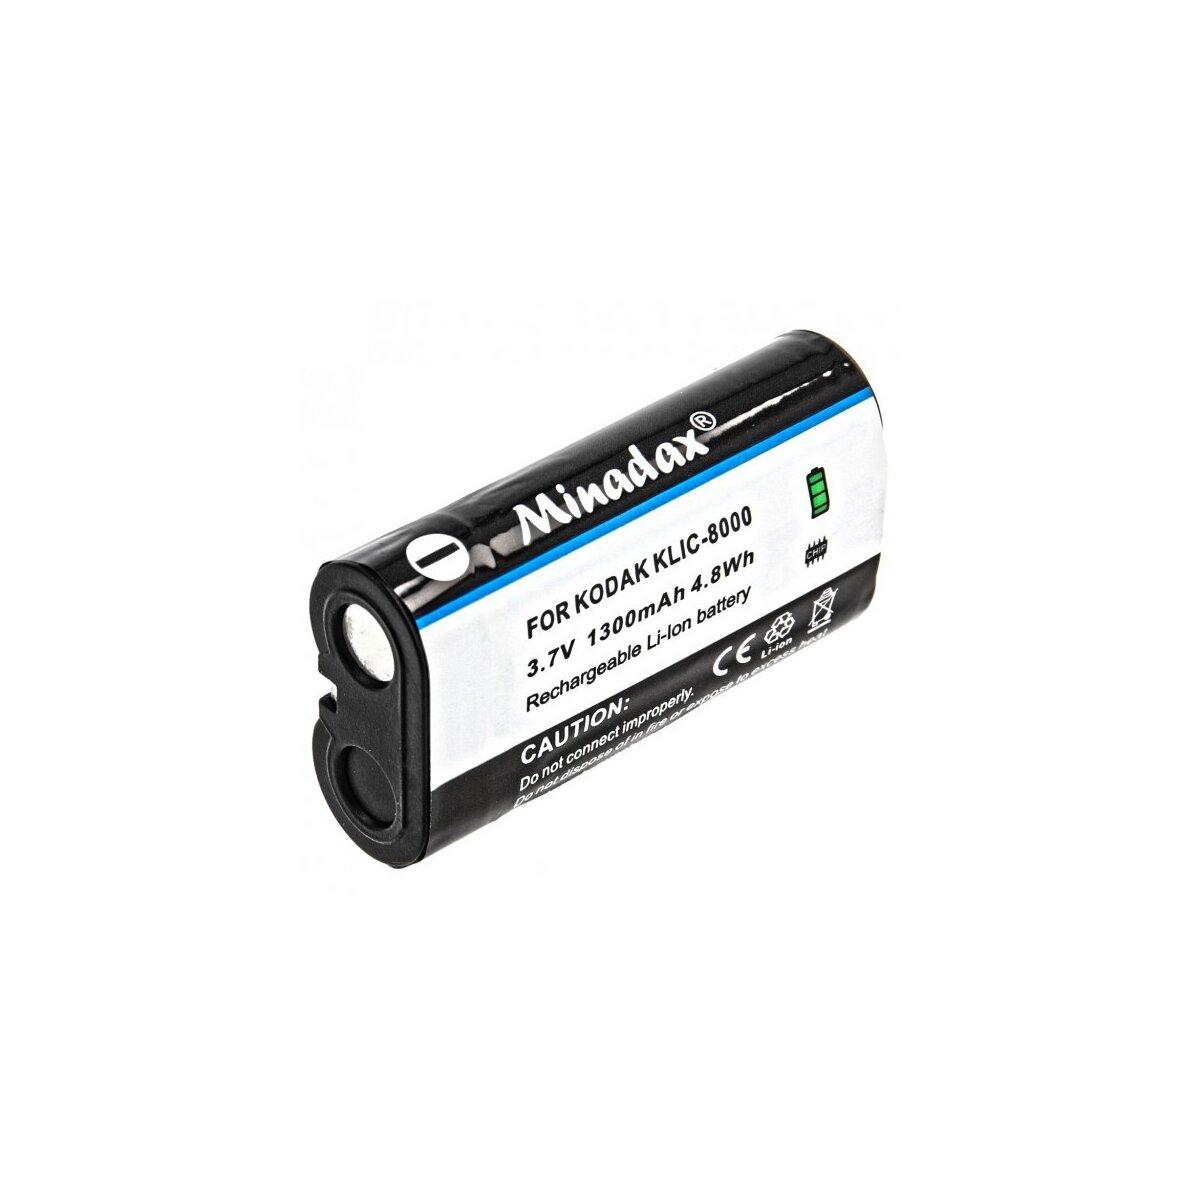 Minadax® Qualitaetsakku mit echten 1300 mAh fuer Kodak EasyShare Z612, Z712 IS, wie KLIC-8000 - Intelligentes Akkusystem mit Chip